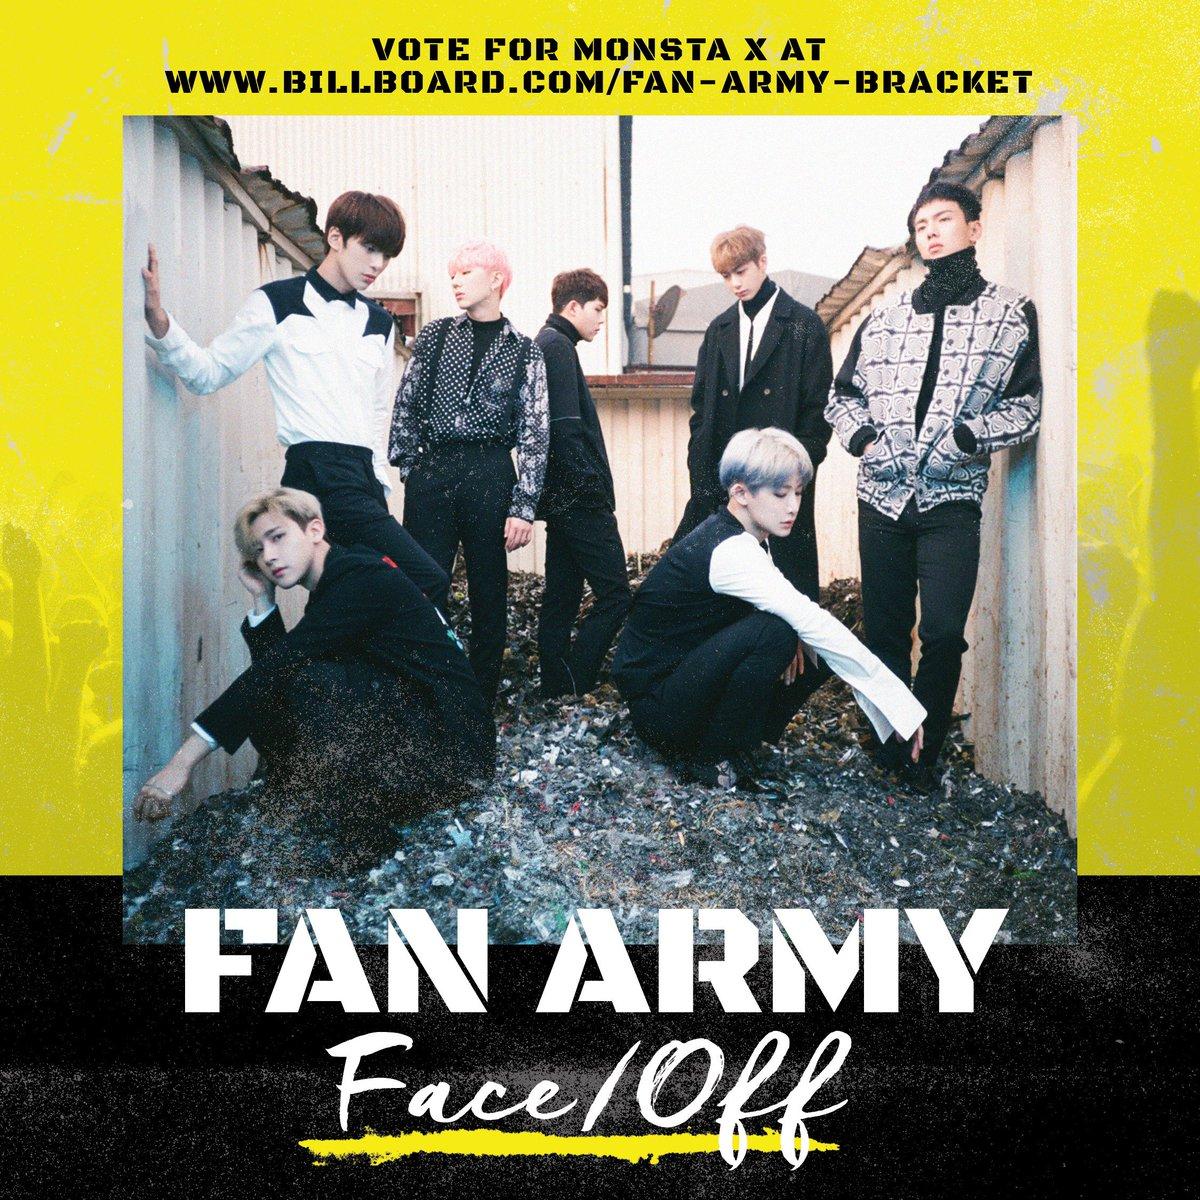 Is your fan army the best? #FanArmyFaceOff voting is open: https://t.co/FRh46LTgPX